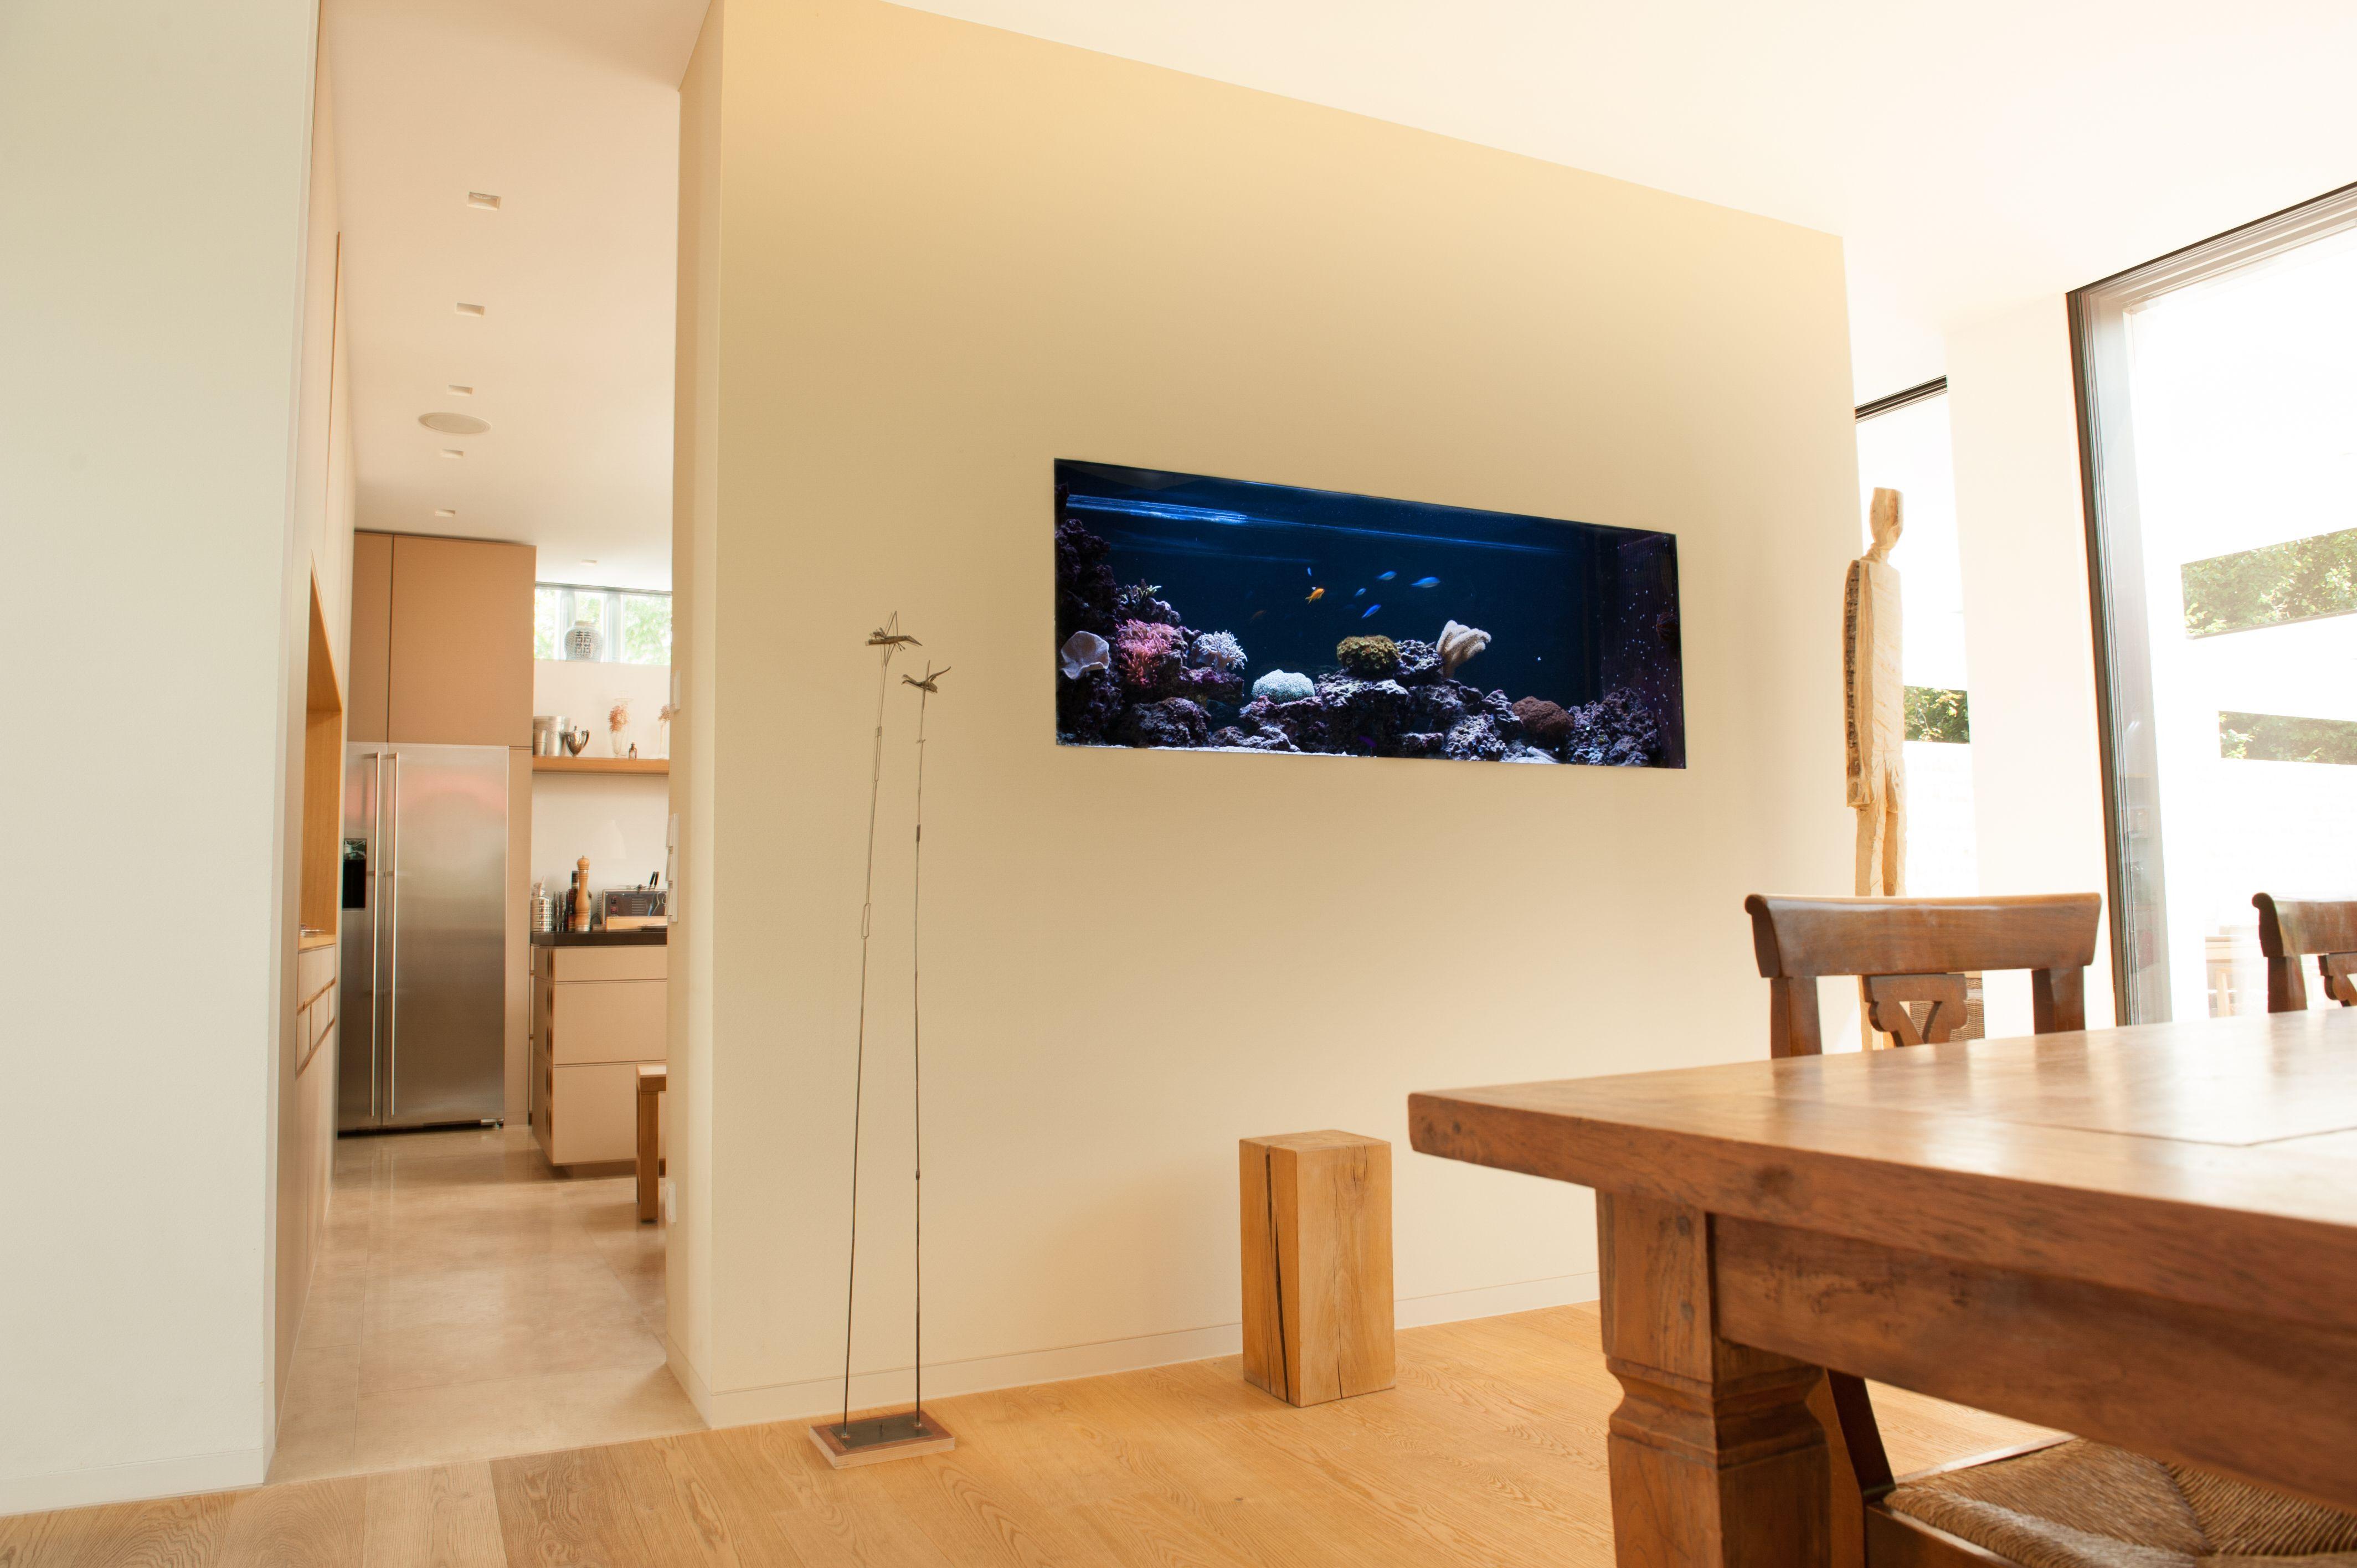 meerwasseraquarium als raumteiler zwischen k che und. Black Bedroom Furniture Sets. Home Design Ideas